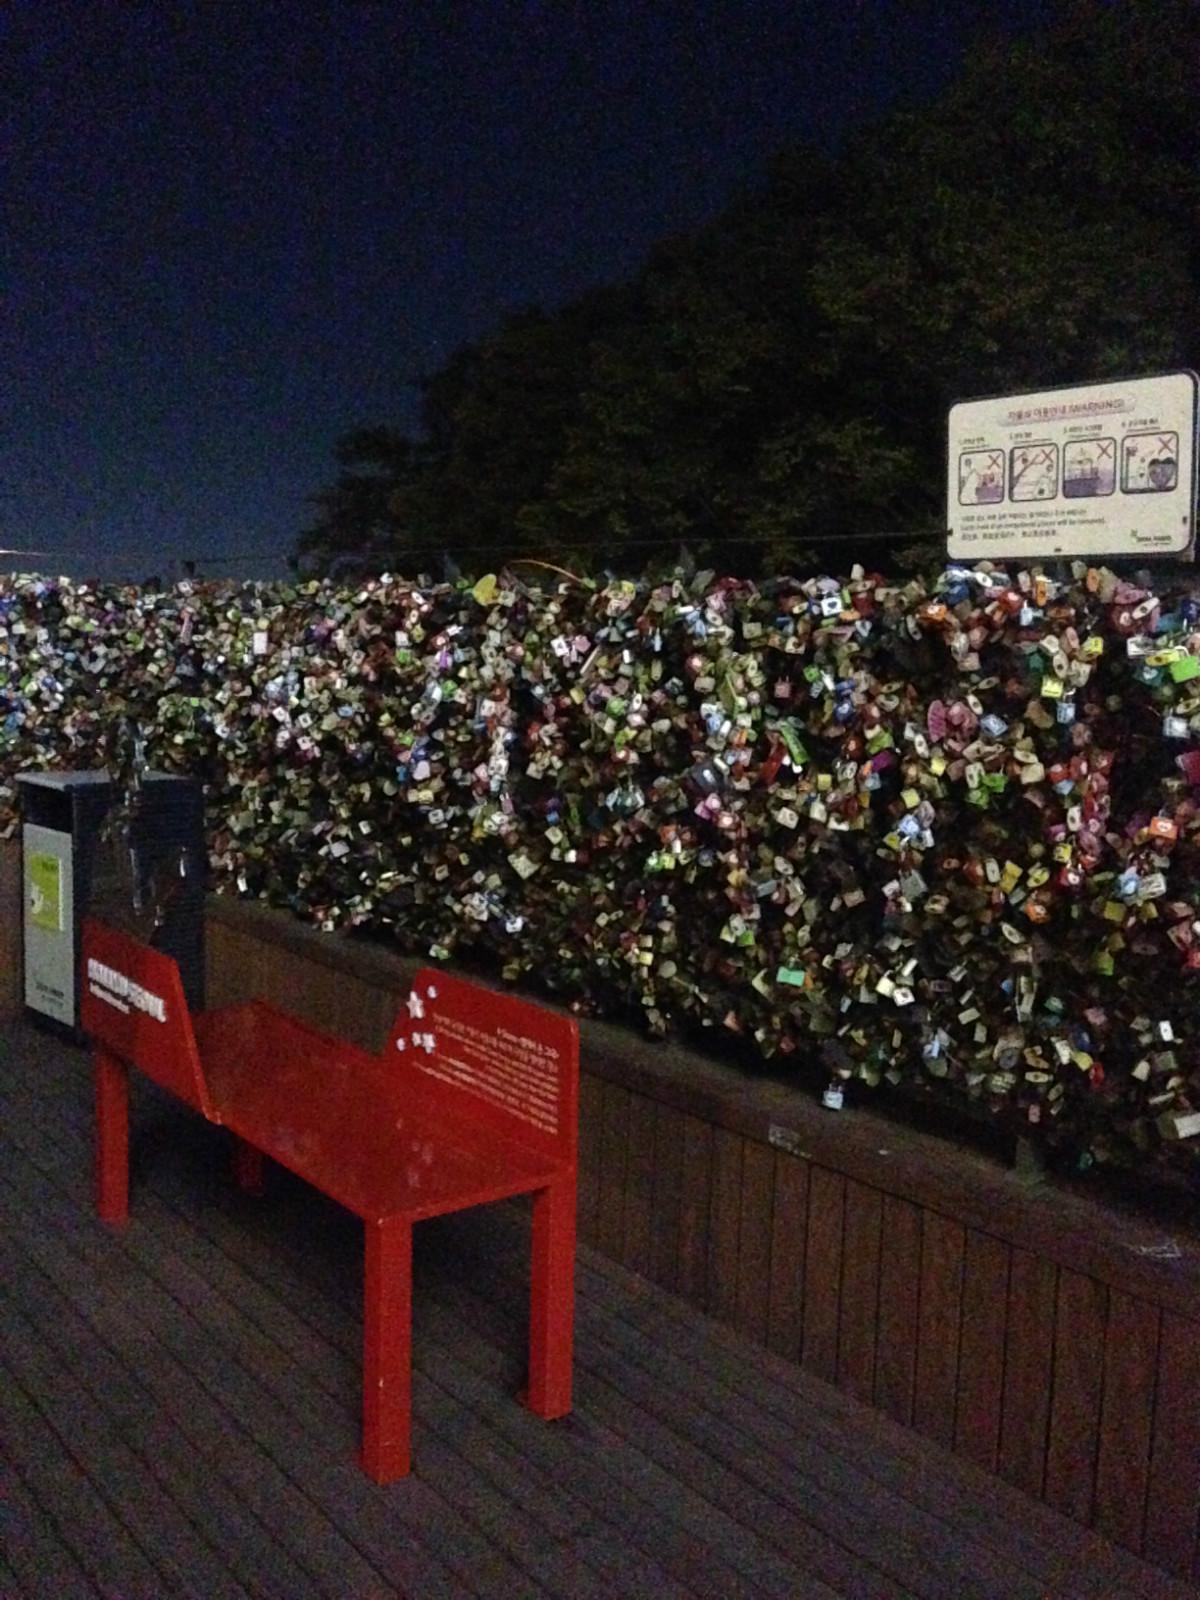 韩国首尔欢乐之旅,美人美景街拍晒出来图片